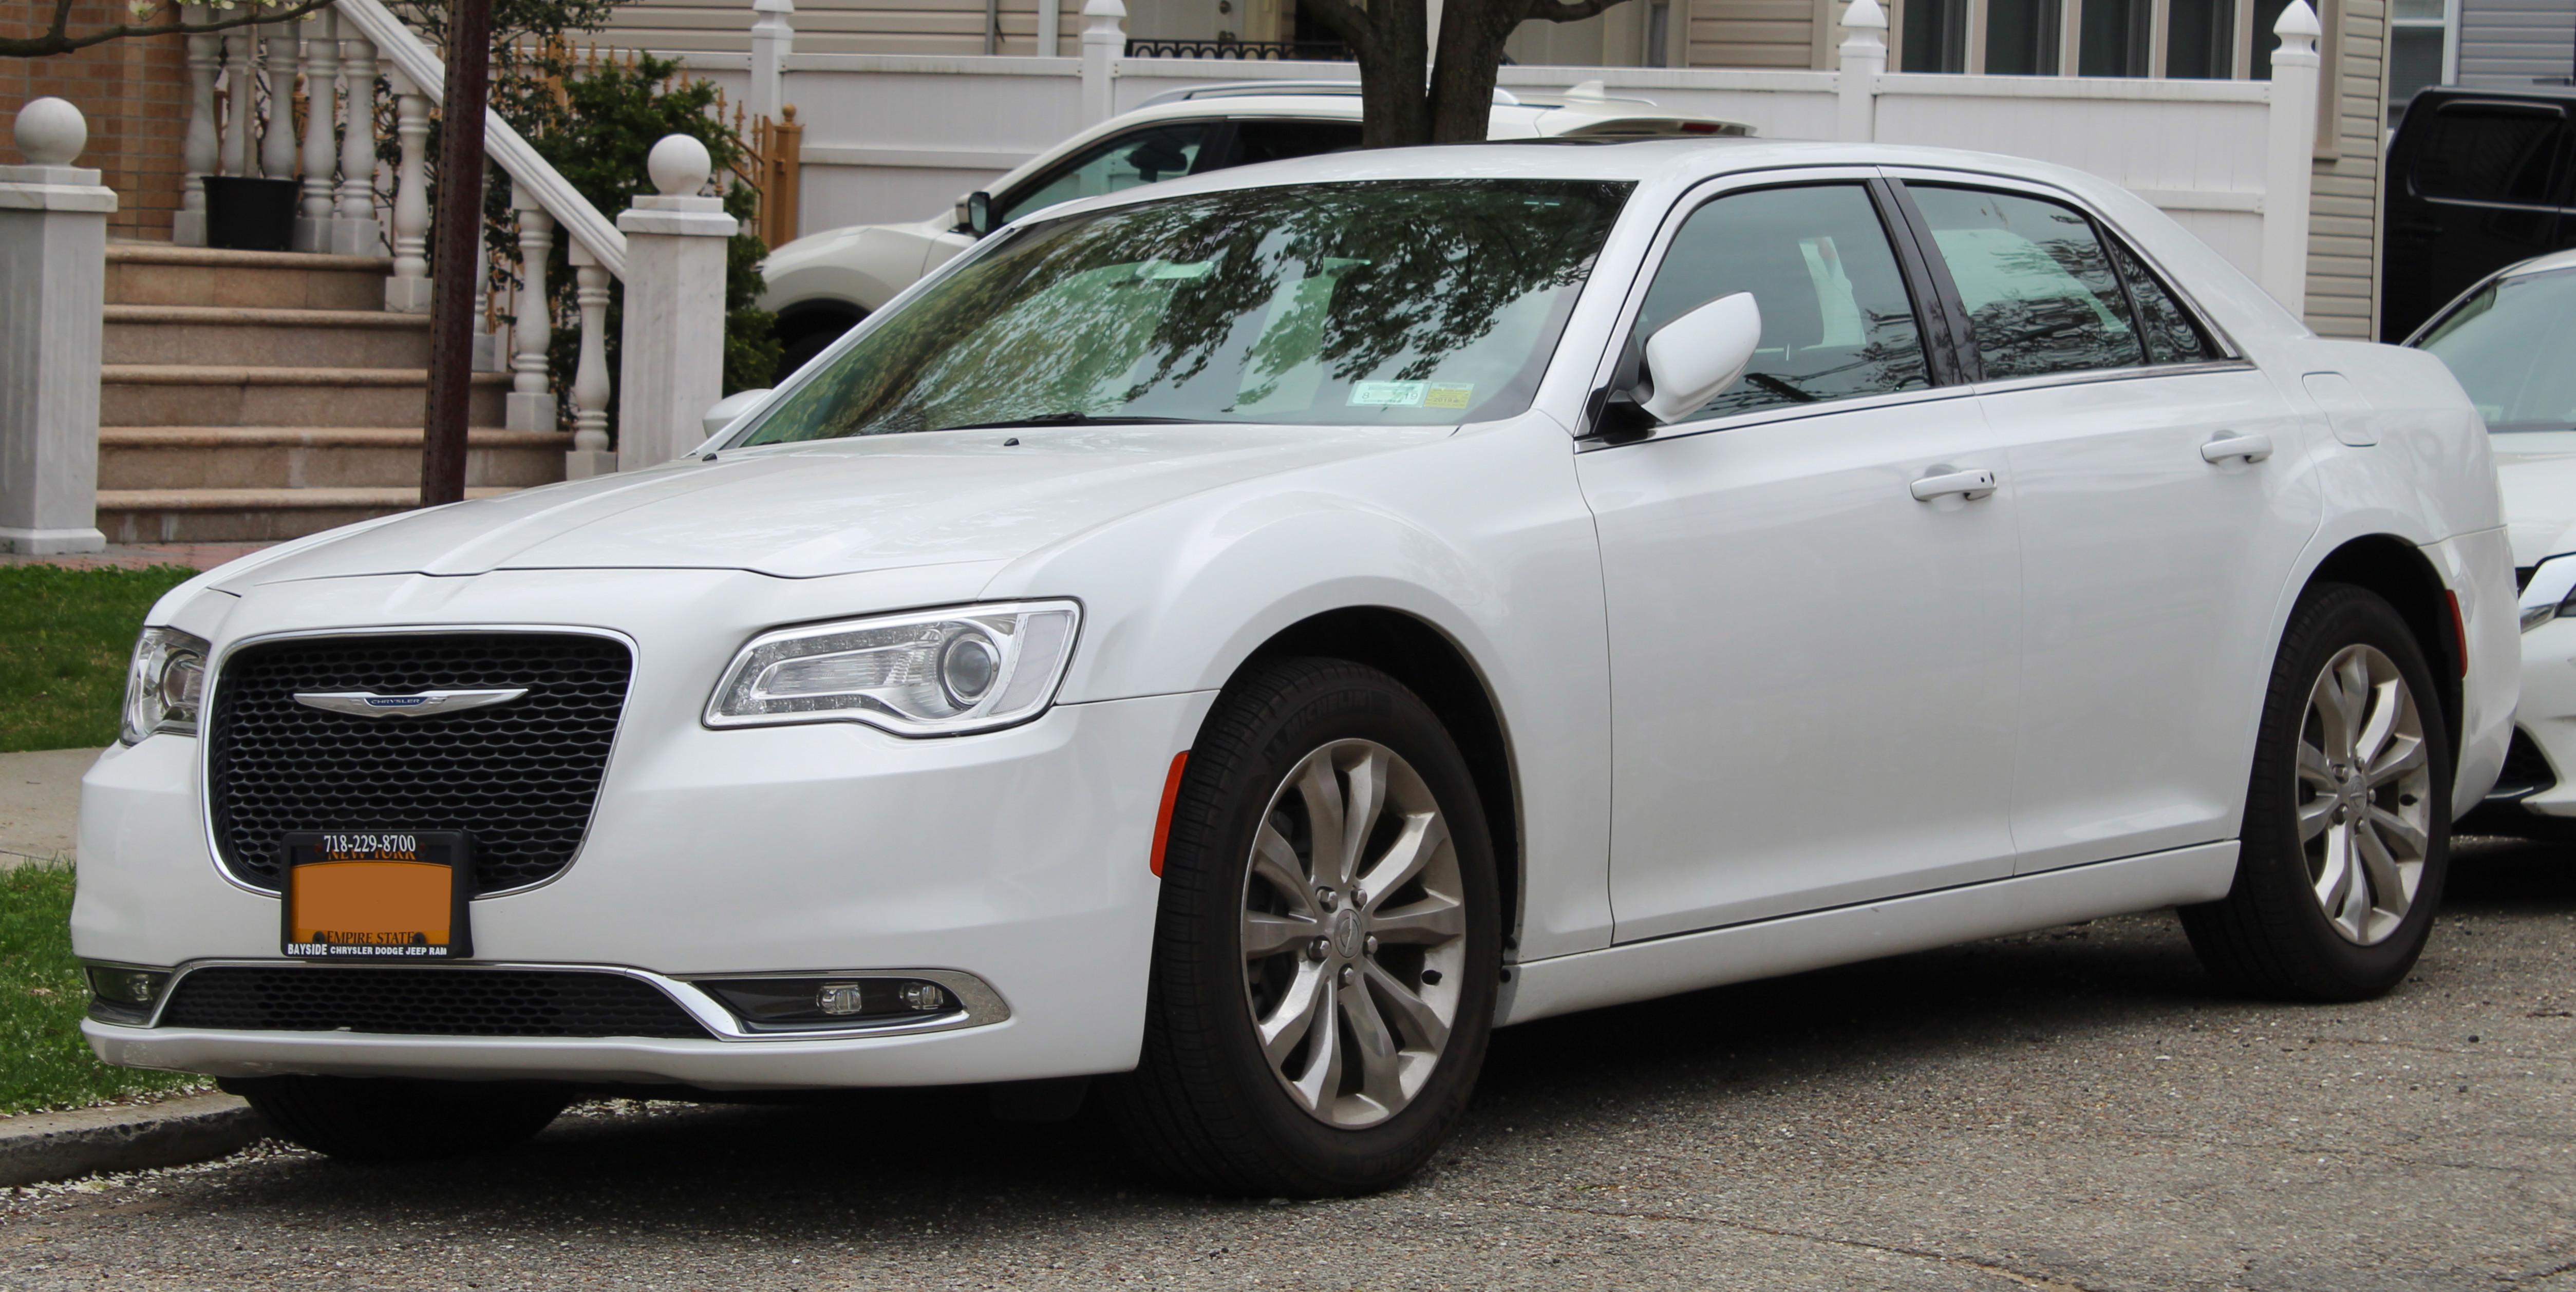 Kelebihan Kekurangan Chevrolet Dodge Spesifikasi